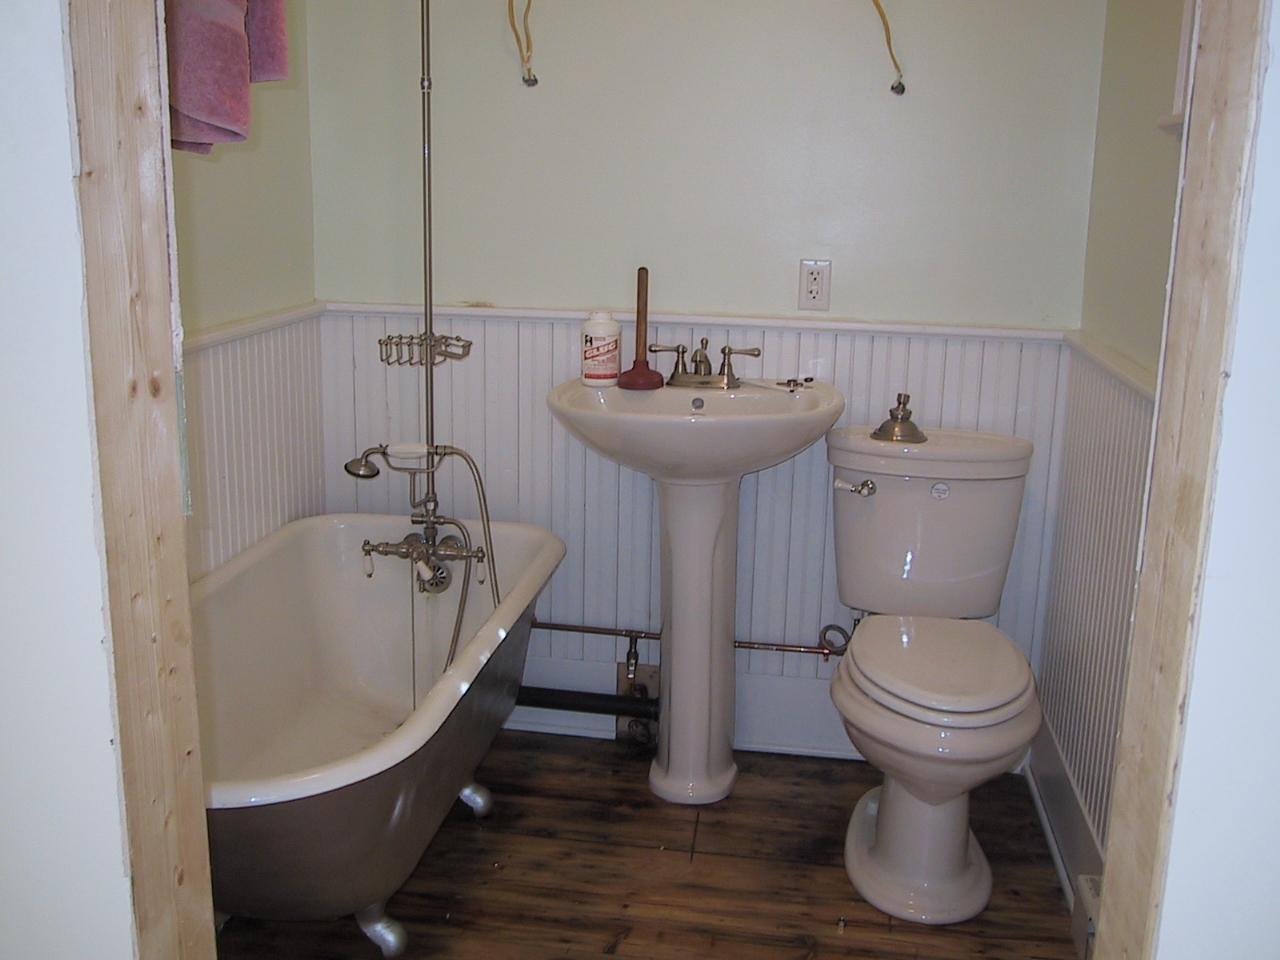 Pedestal Sink With Floor Plumbing | o2 Pilates